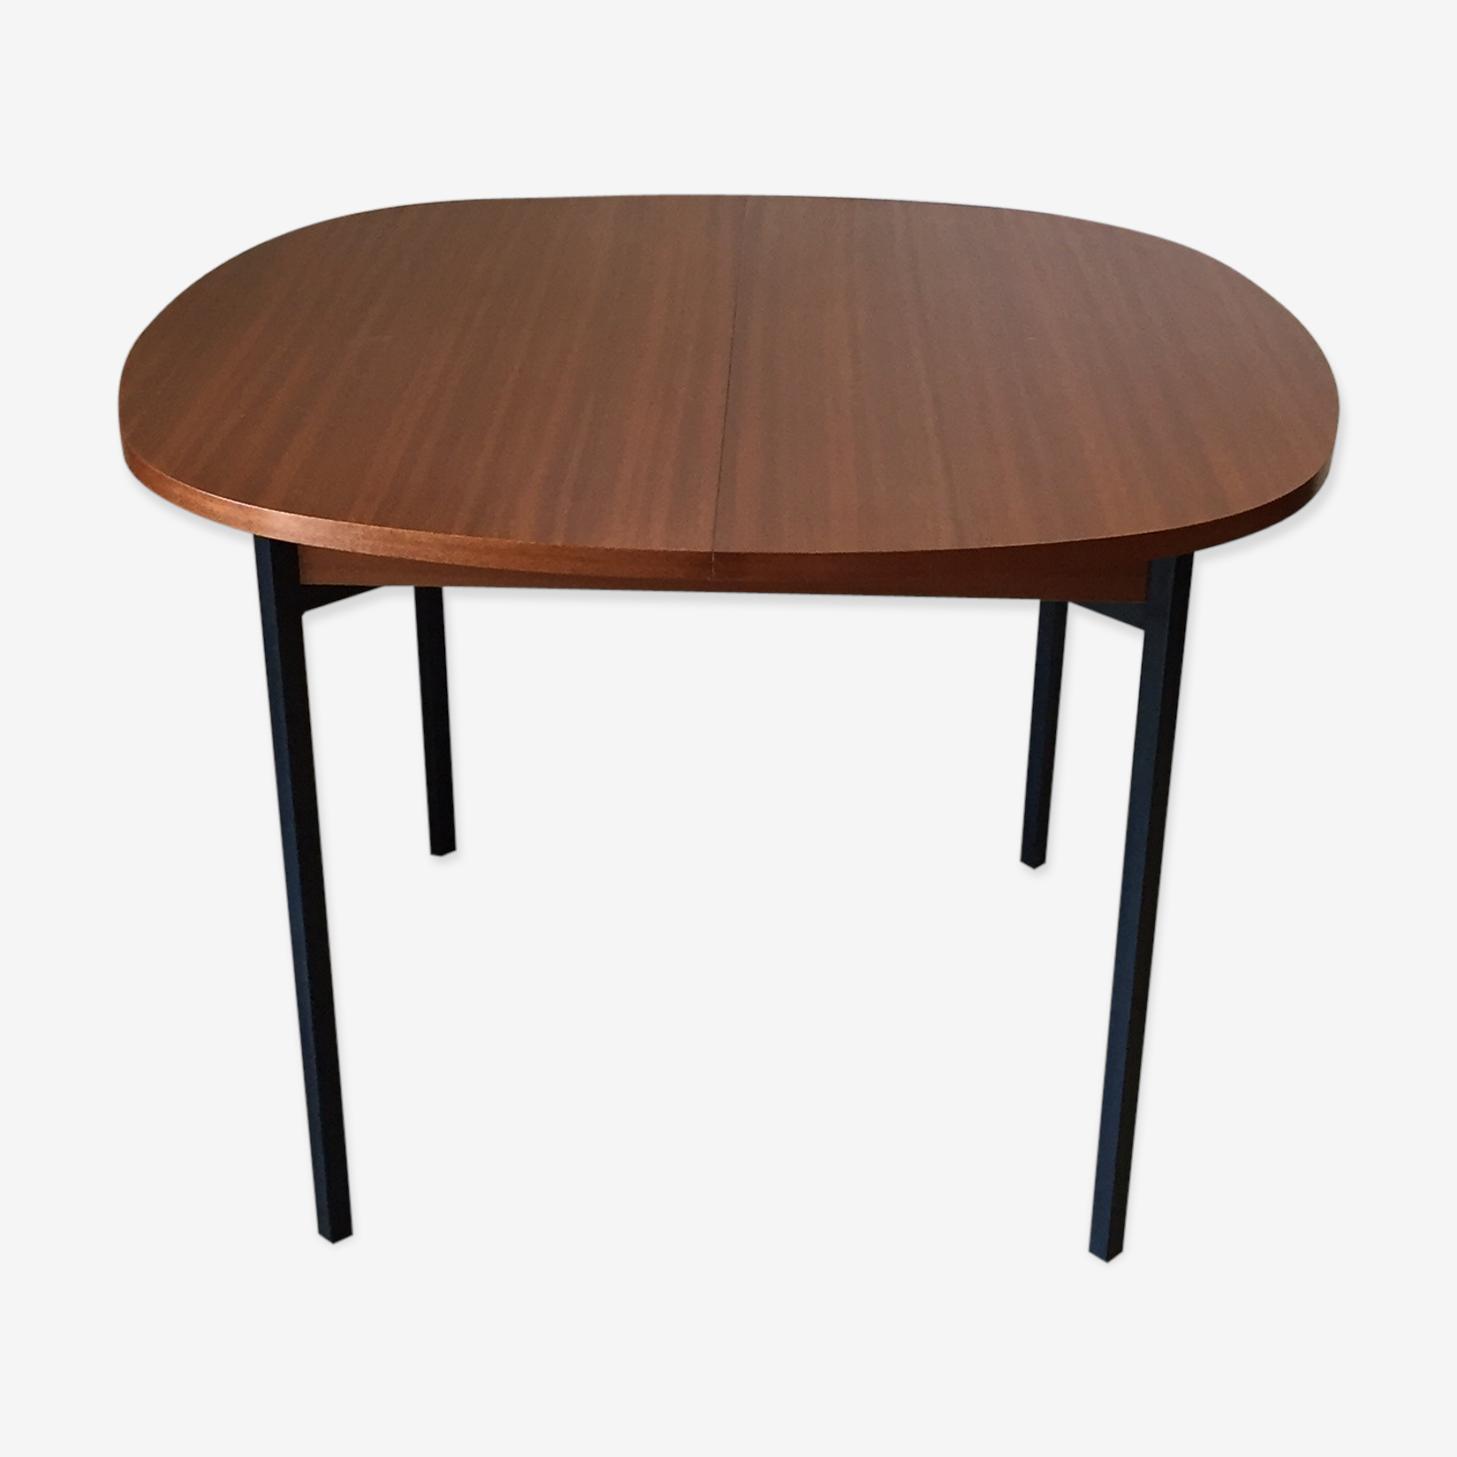 Table salle à manger Minvielle par Guariche vintage design